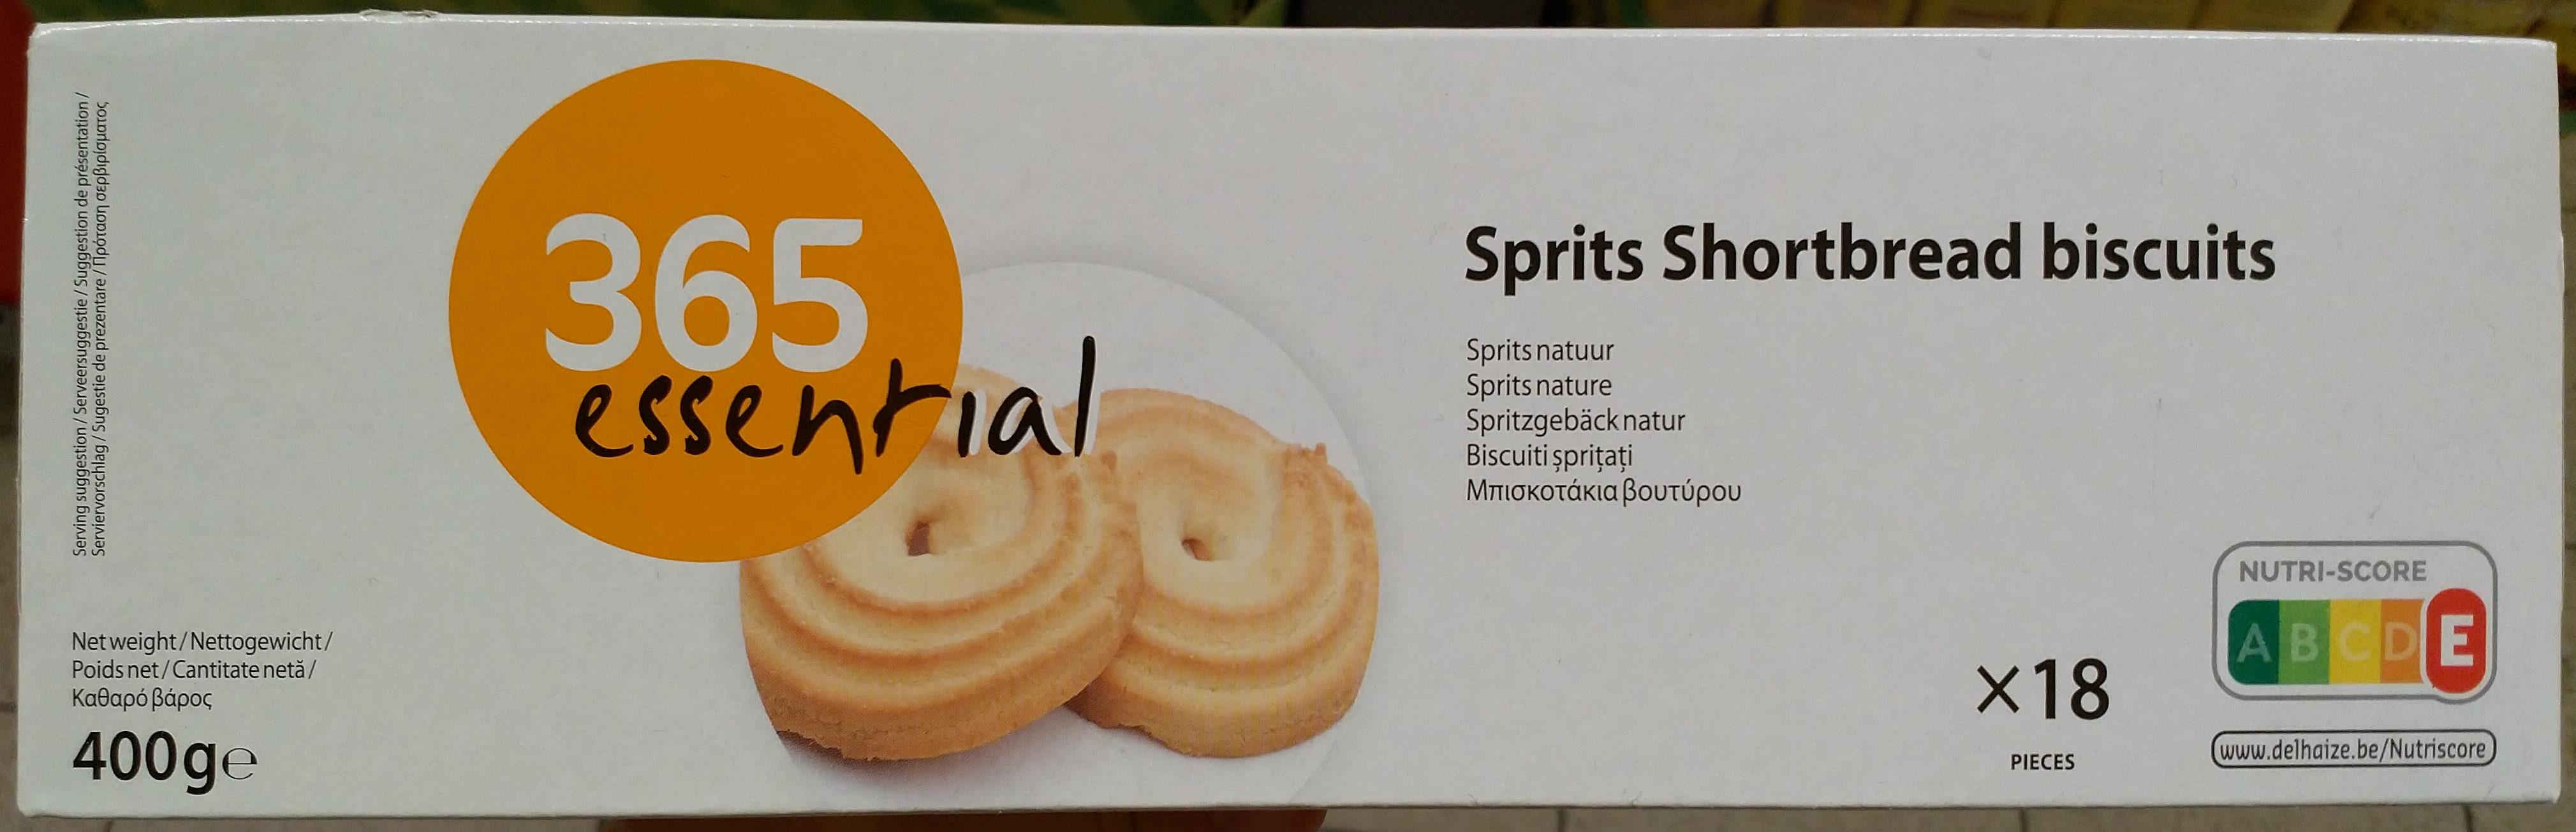 Sprits Shortbread Biscuits - Produit - fr